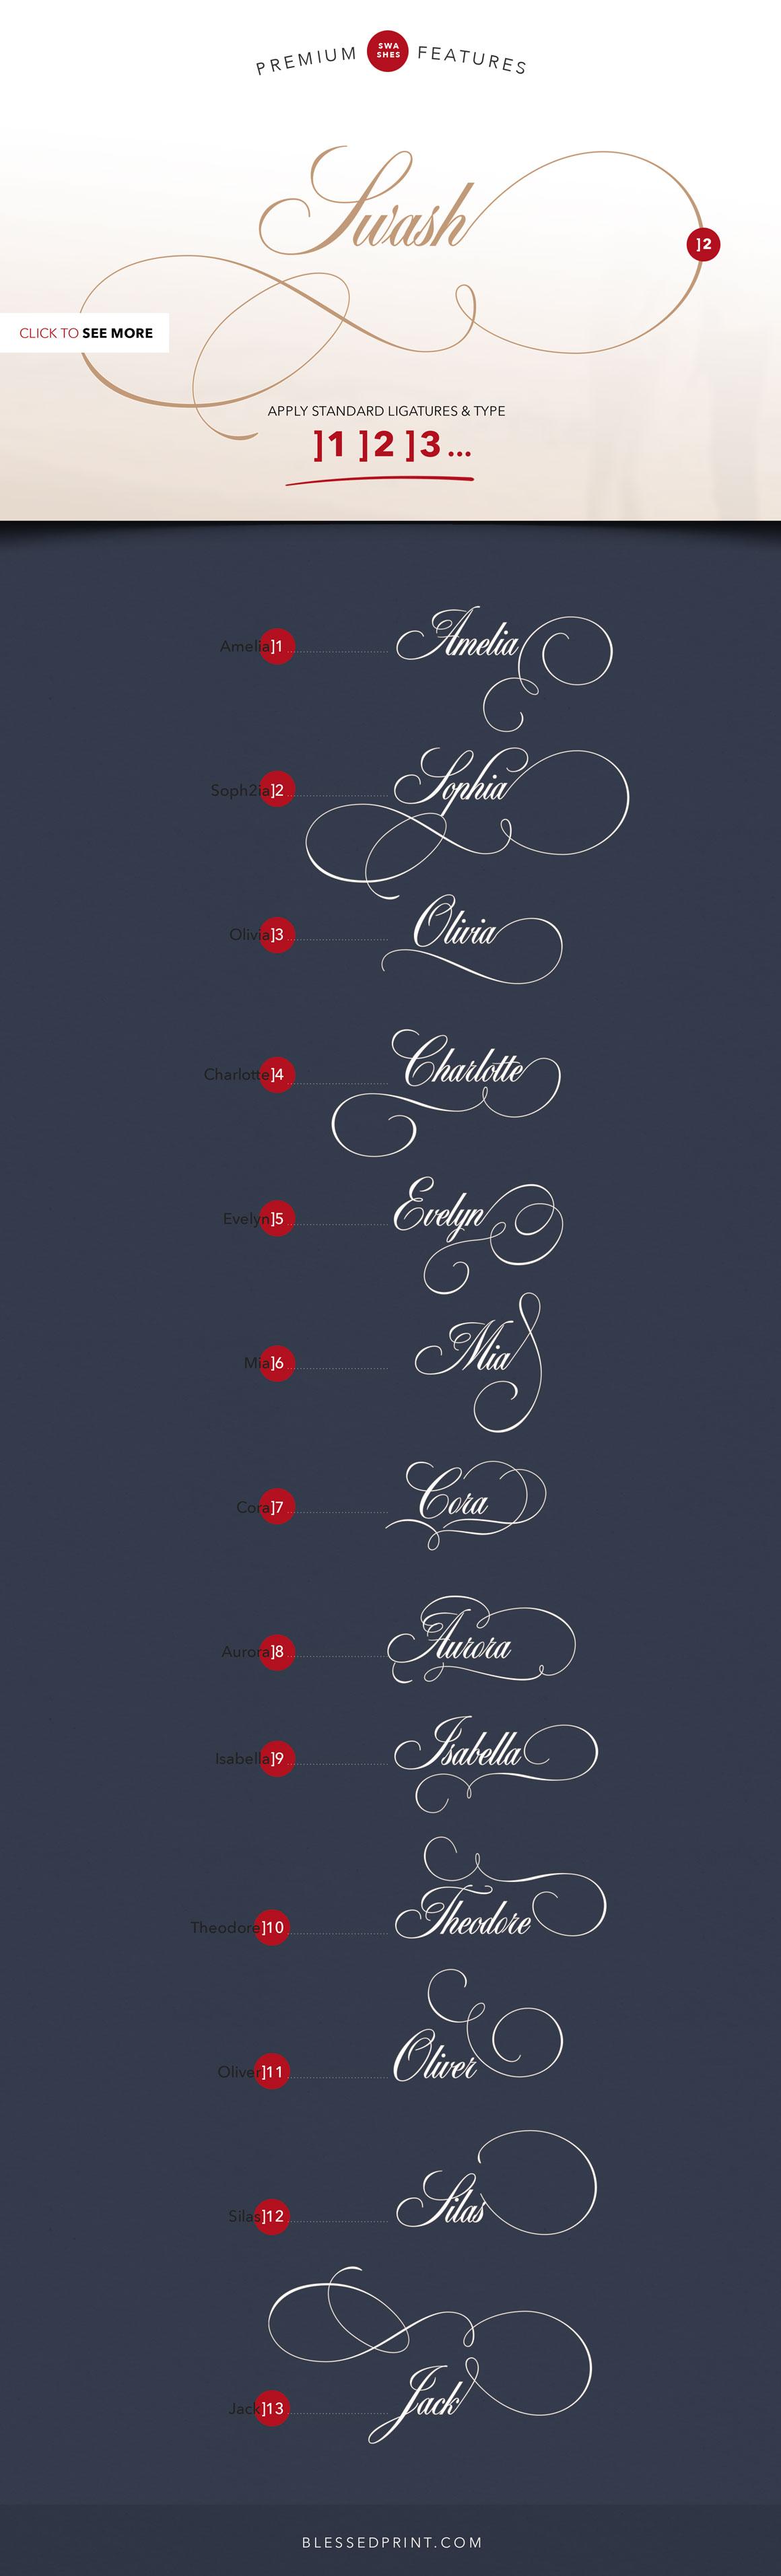 選りすぐり!モダンな英語フォント集